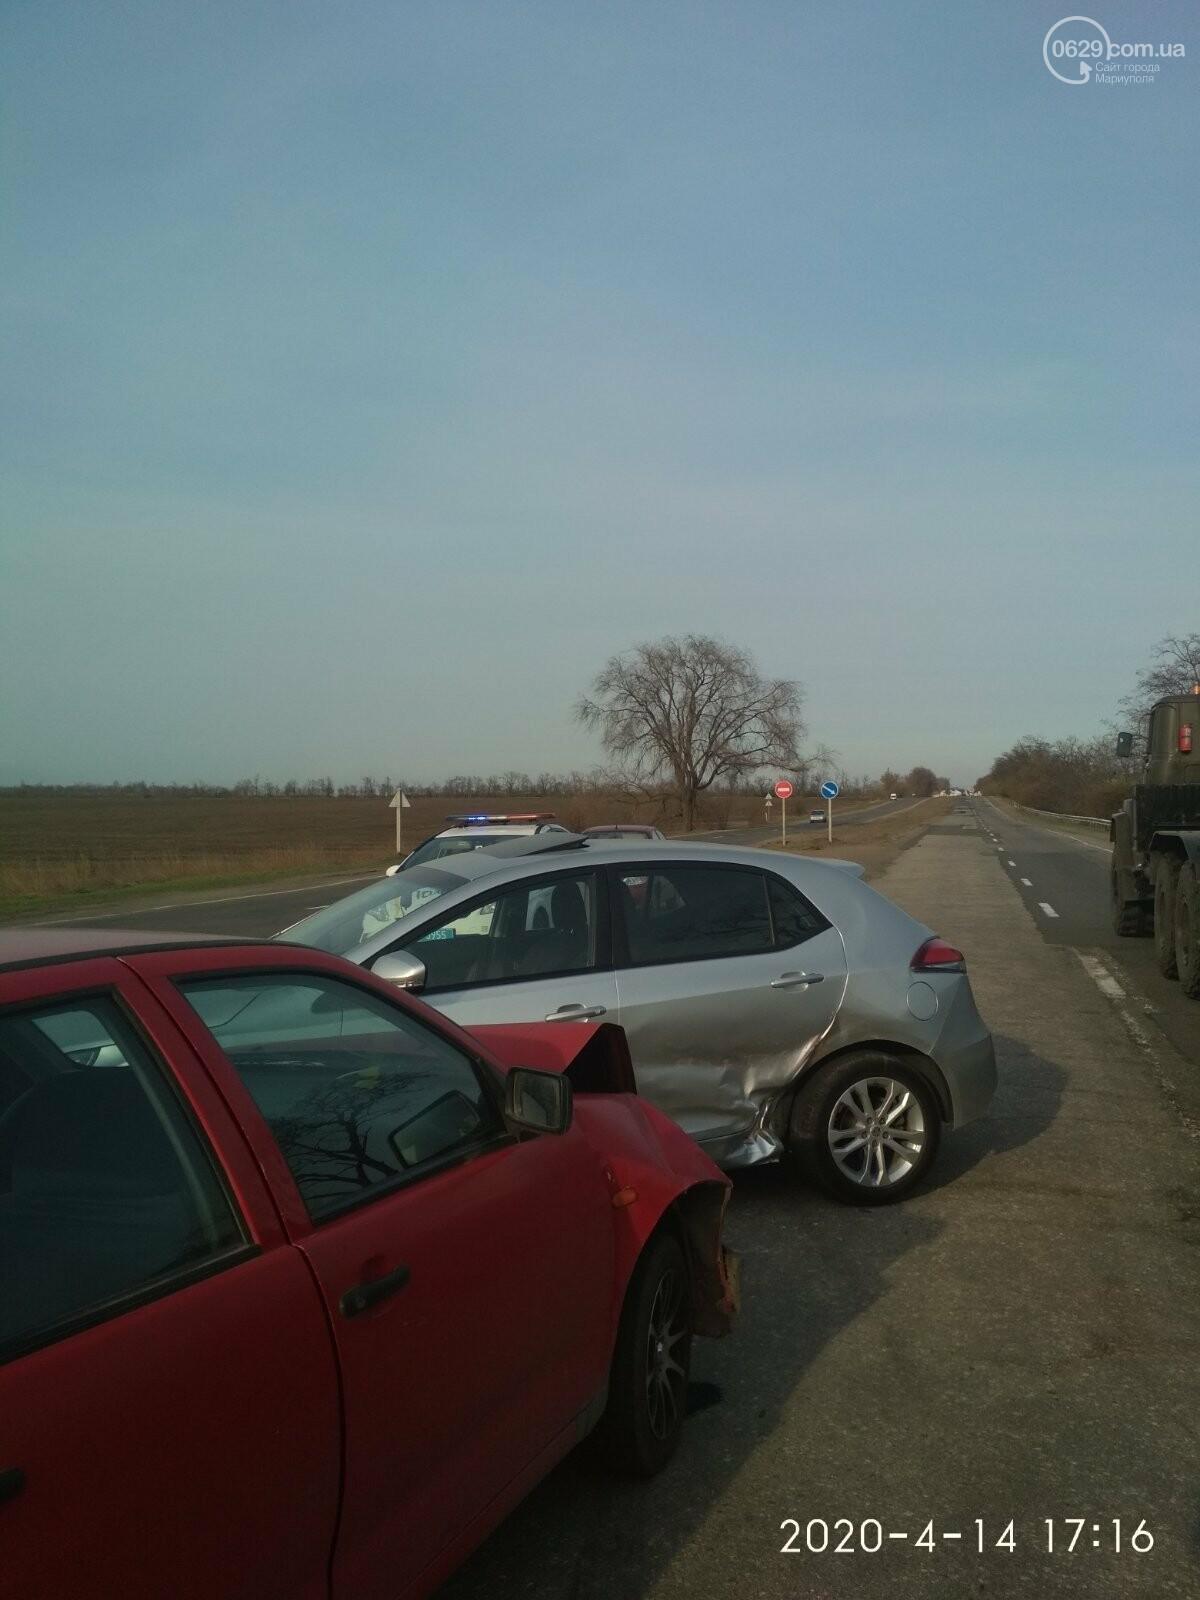 На трассе под Мариуполем столкнулись MG и SEAT, - ФОТО, фото-4